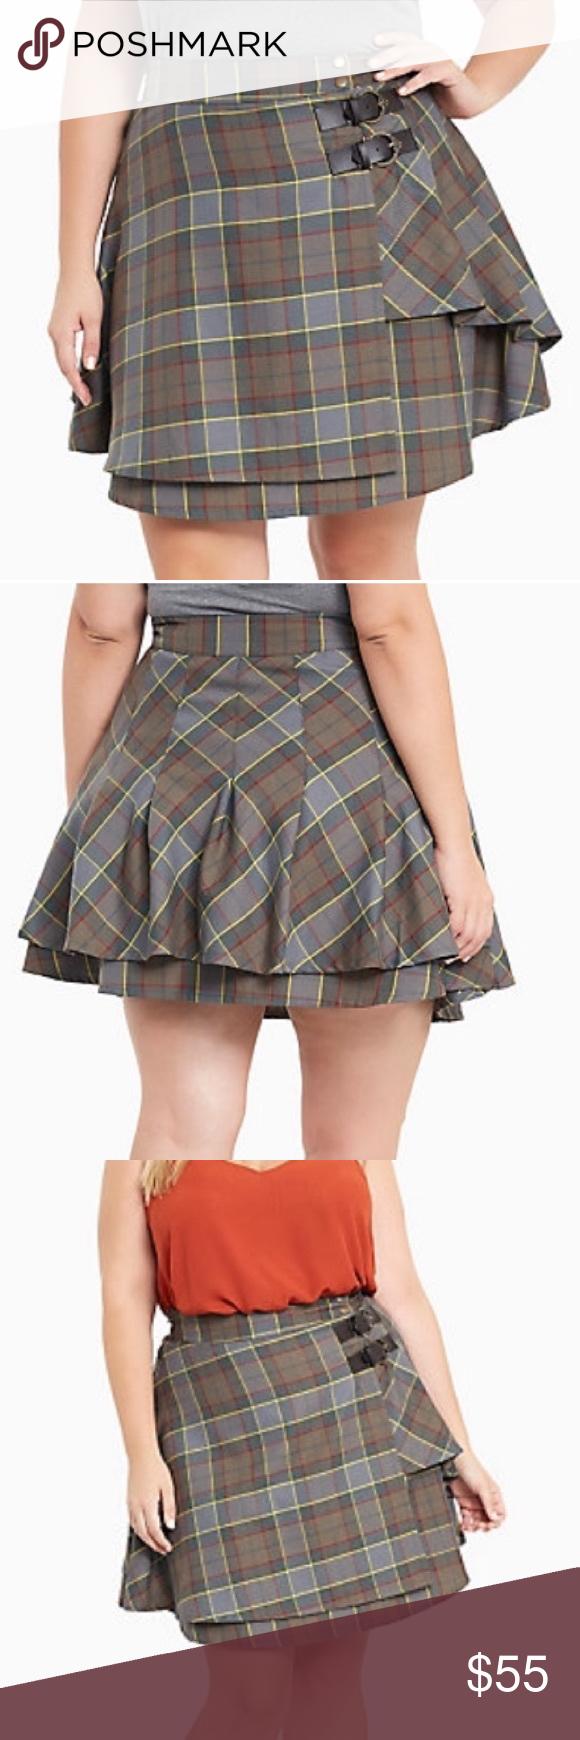 3f1034cfb3 Torrid outlander Fraser tartan plaid skirt Torrid exclusive outlander  Fraser tartan plaid skirt. Completely sold